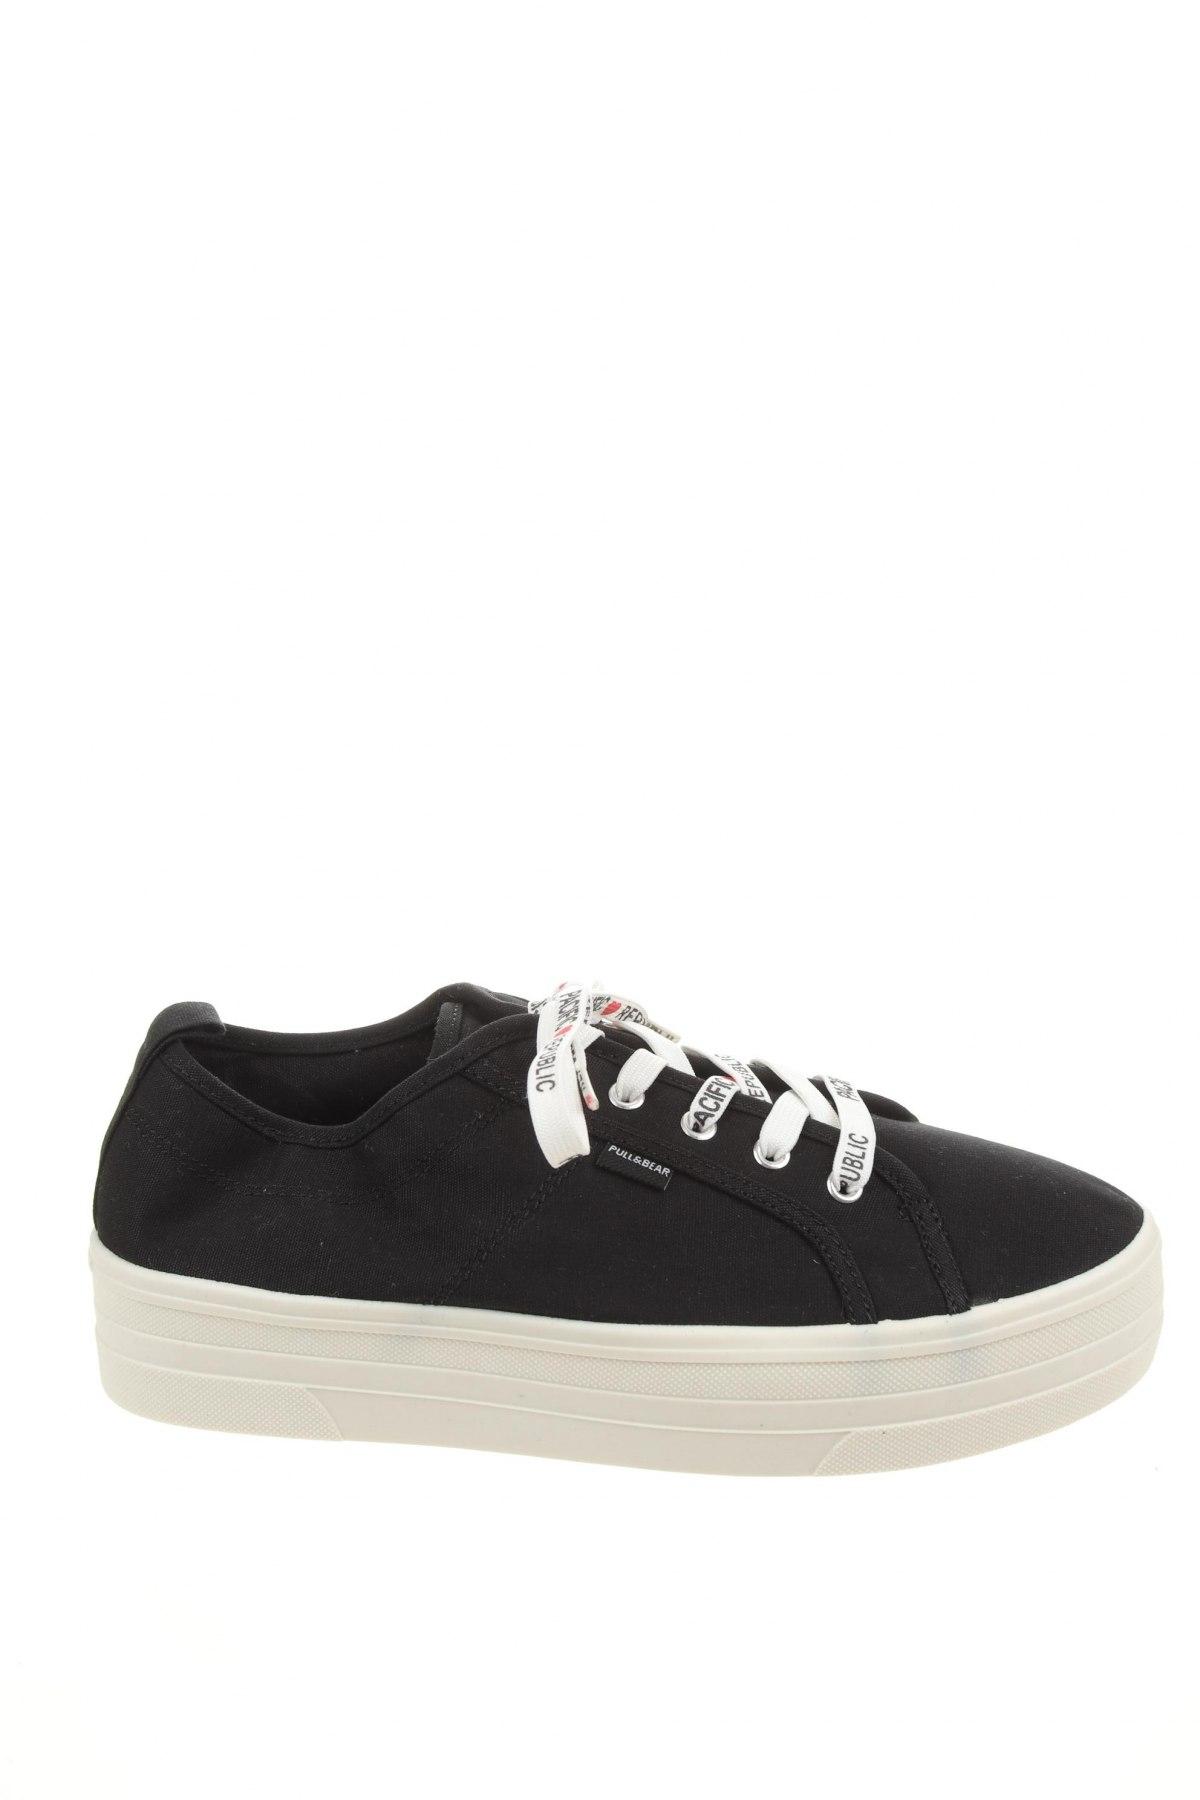 Γυναικεία παπούτσια Pull&Bear, Μέγεθος 40, Χρώμα Μαύρο, Κλωστοϋφαντουργικά προϊόντα, Τιμή 14,47€